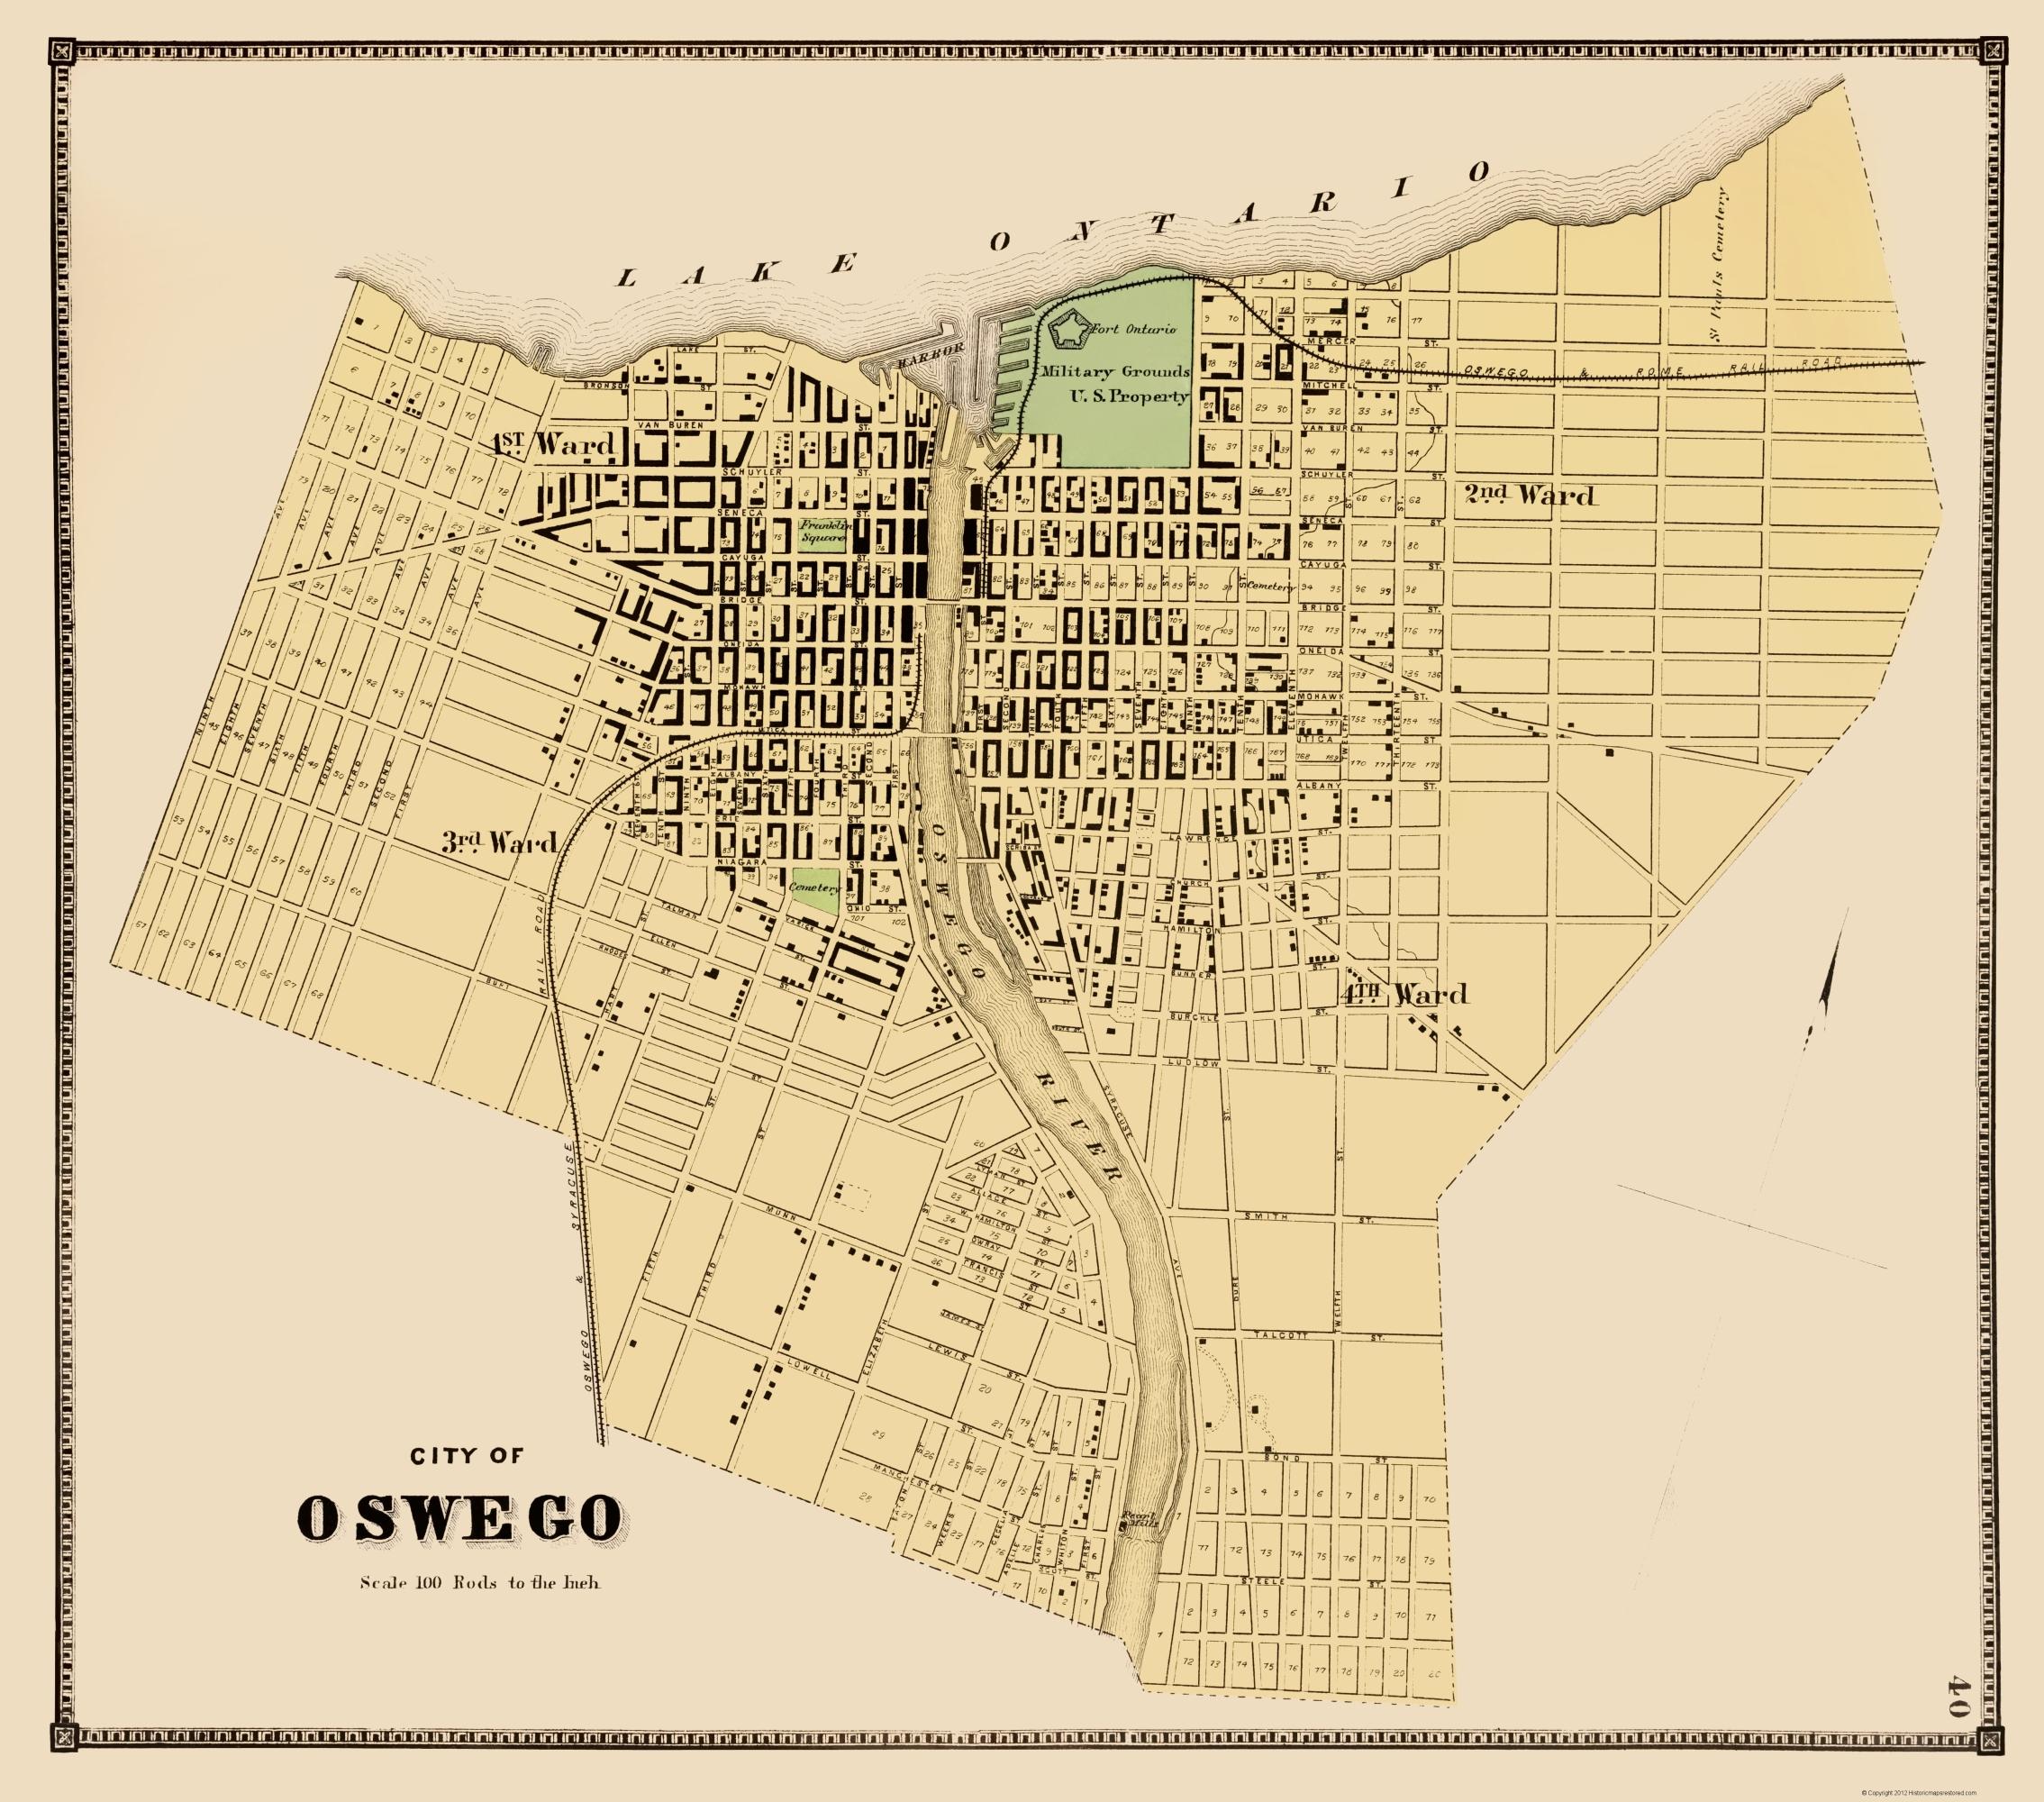 Map Of New York Oswego.Oswego New York Plat Stone 1866 23 X 26 09